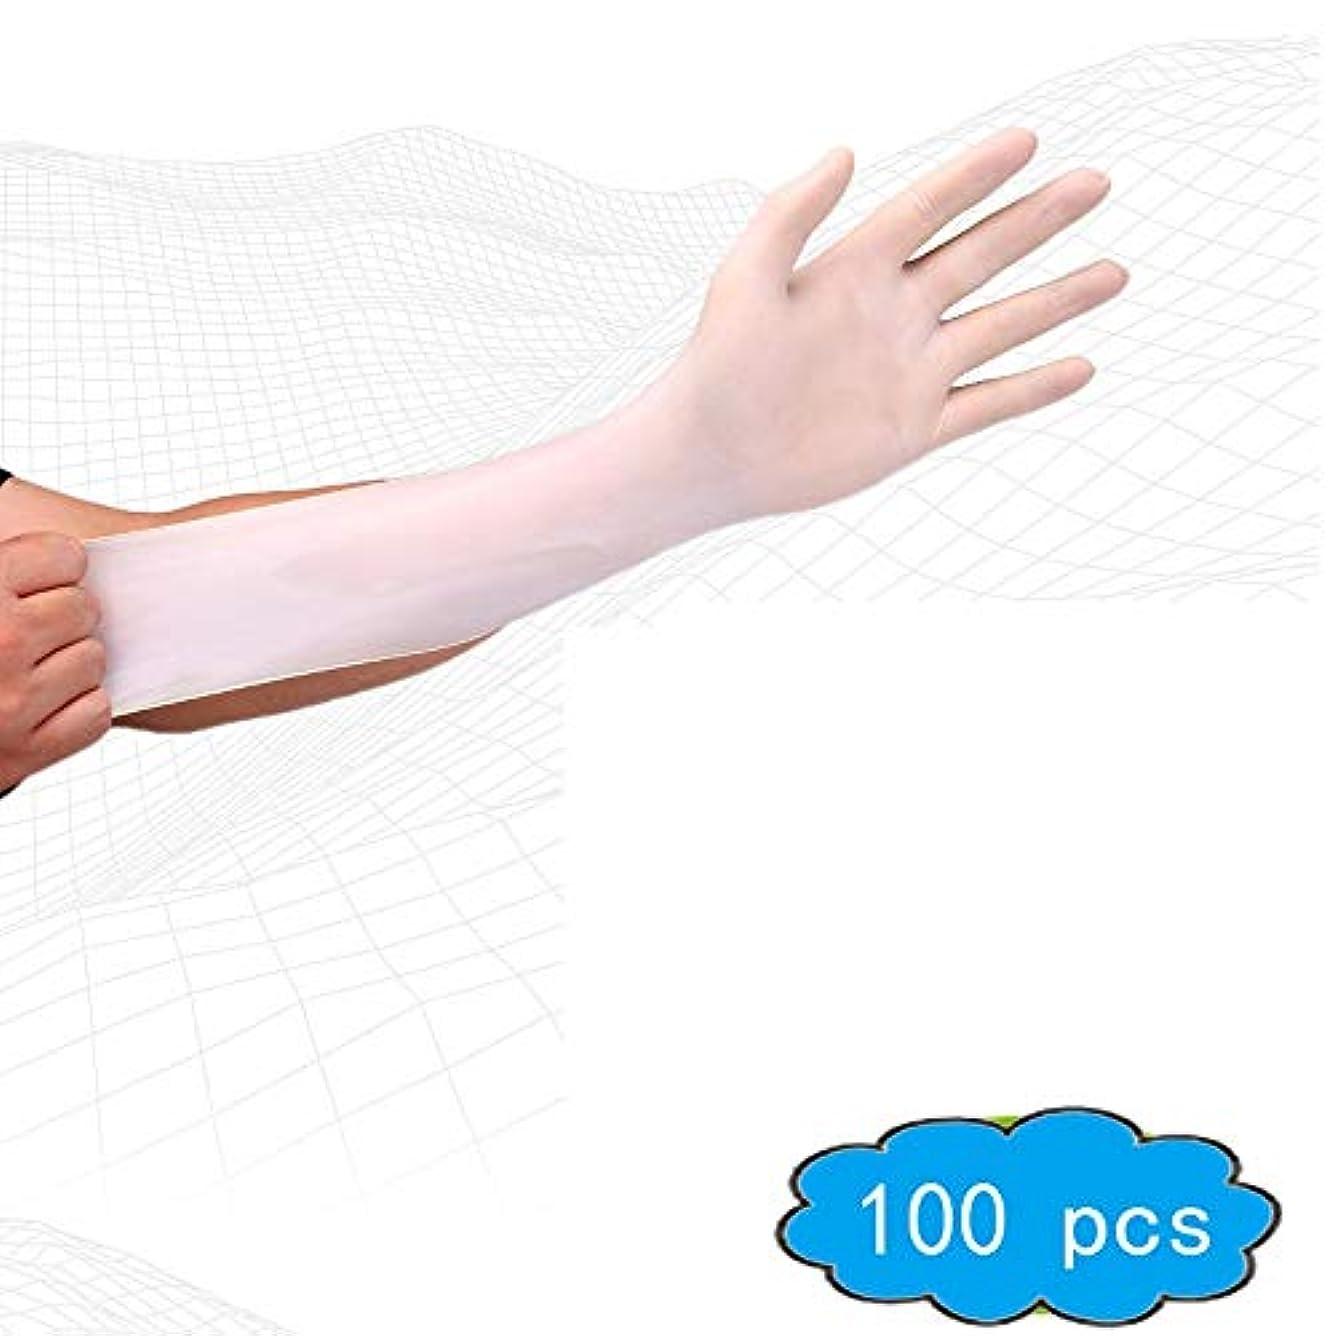 クスクス限定インフルエンザ使い捨てラテックス手袋、パウダーなし/ポックマーク/左手および右手、100箱、厚手、食品グレード、実験室、電子機器、ケータリング、高弾性手袋 (Color : Beige, Size : XS)